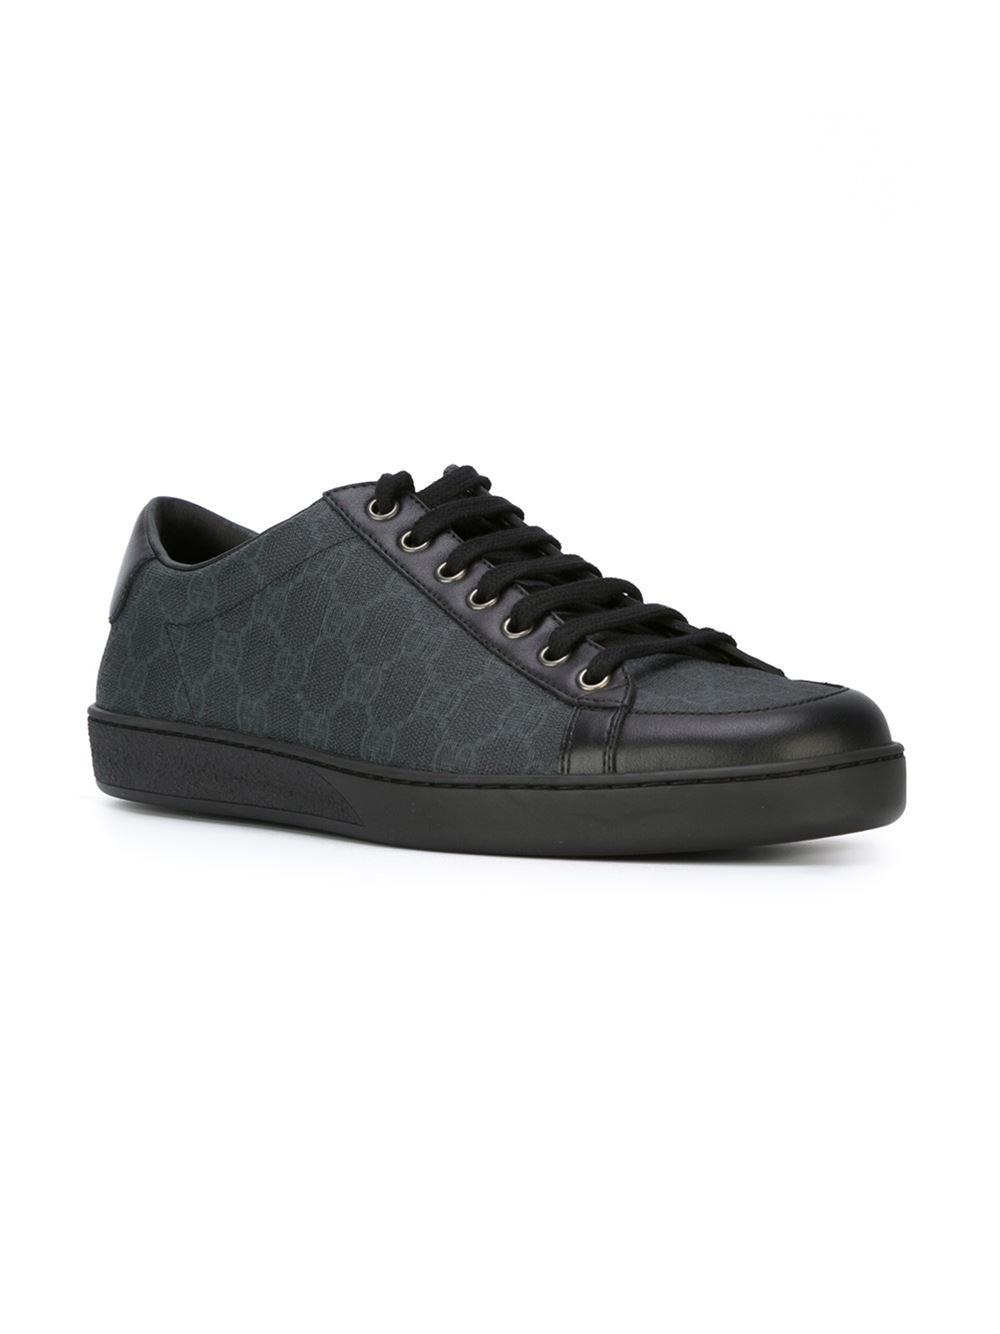 9e3ed8405 Gucci Sneaker Allacciate In Tessuto Gg Supreme in Black for Men - Lyst